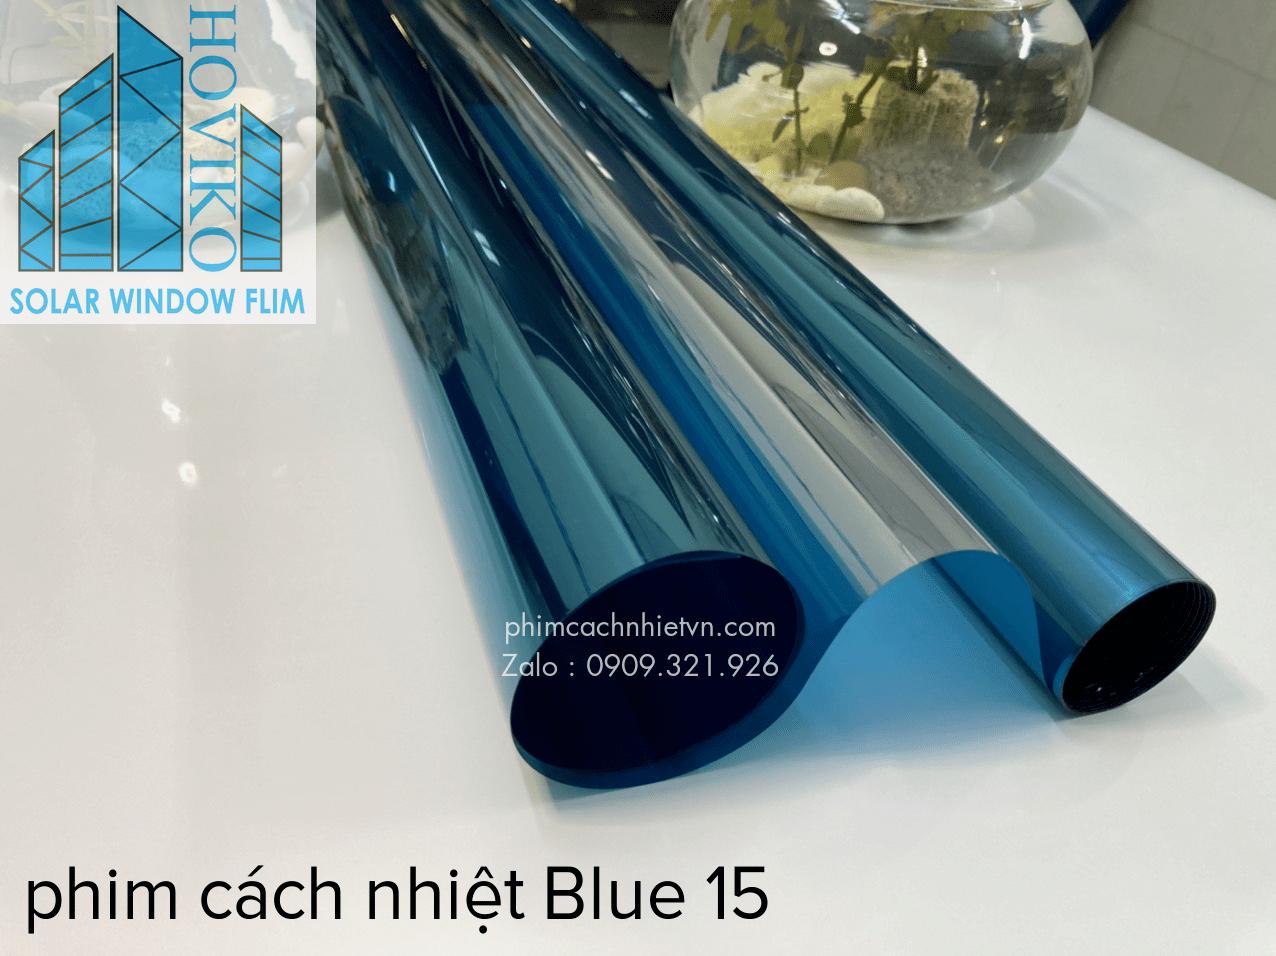 phim cách nhiệt blue 15